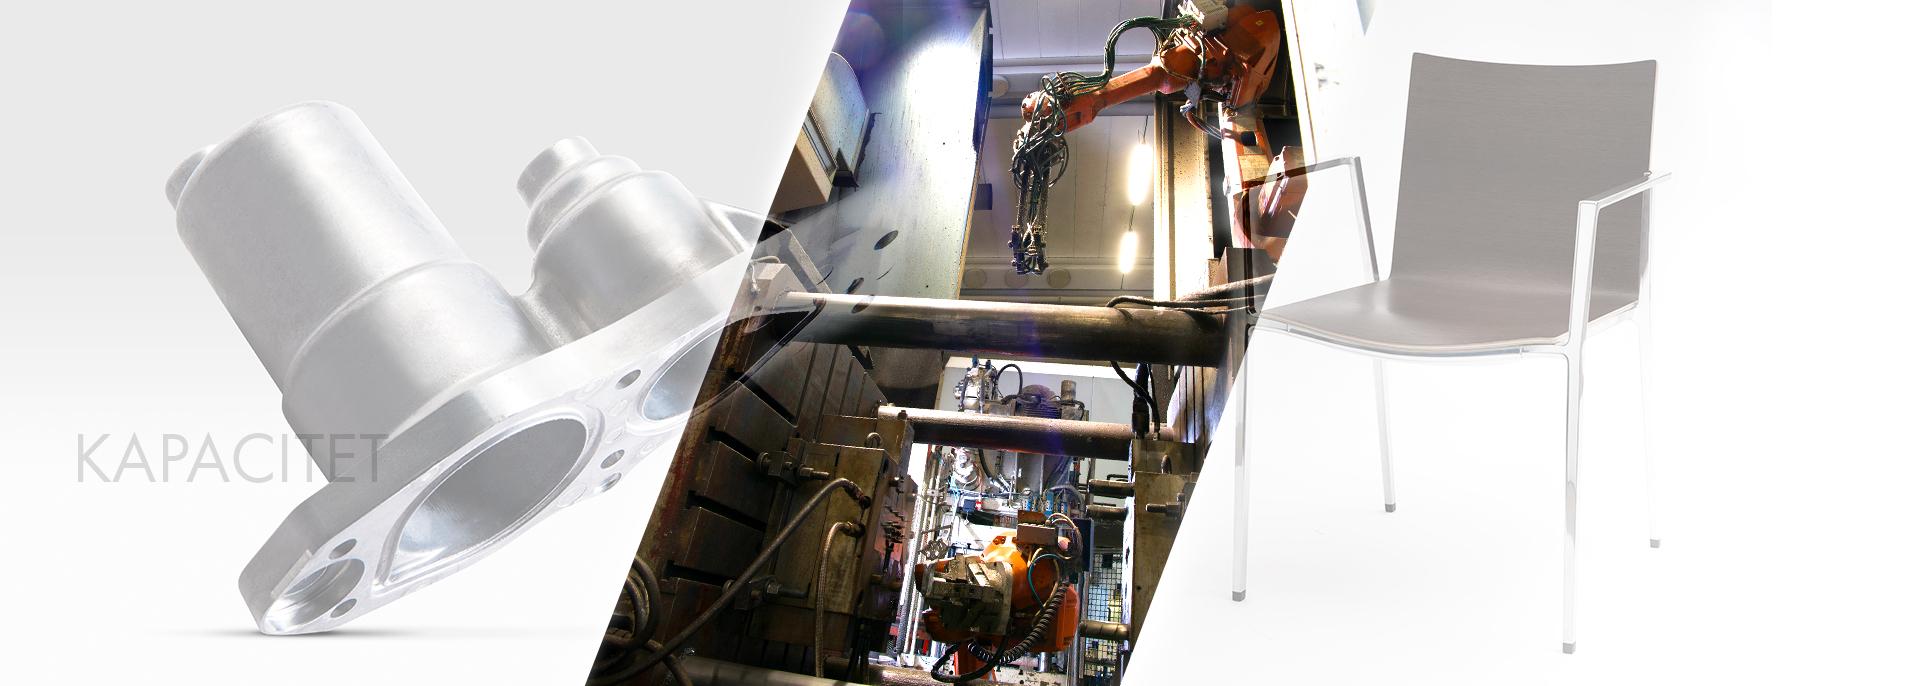 Förutom pressgjutning i aluminium tar vi hand om efterbehandling såsom borrning, gängning, slipning, polering och ytbehandling.